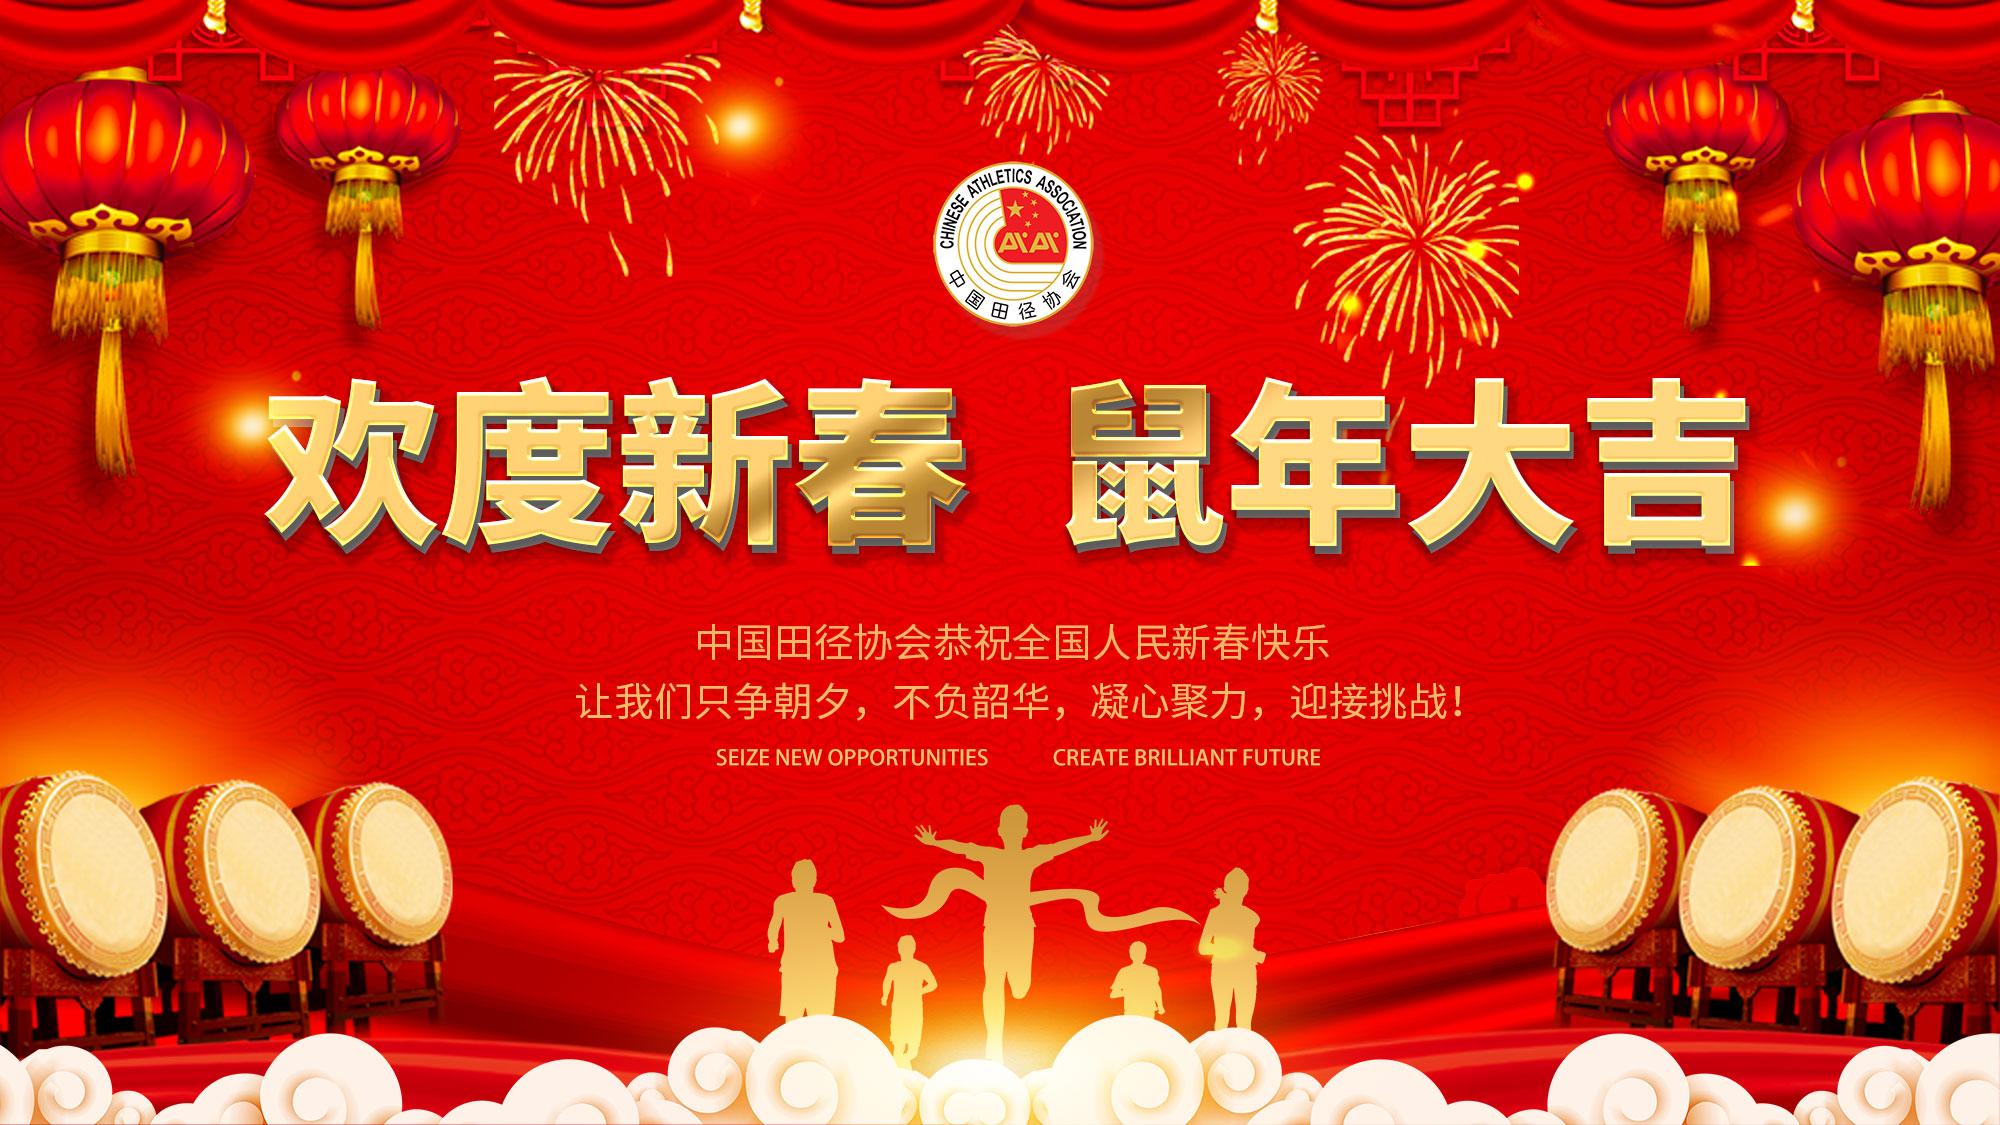 中国彩吧更懂彩民恭祝全国人民新春快乐!